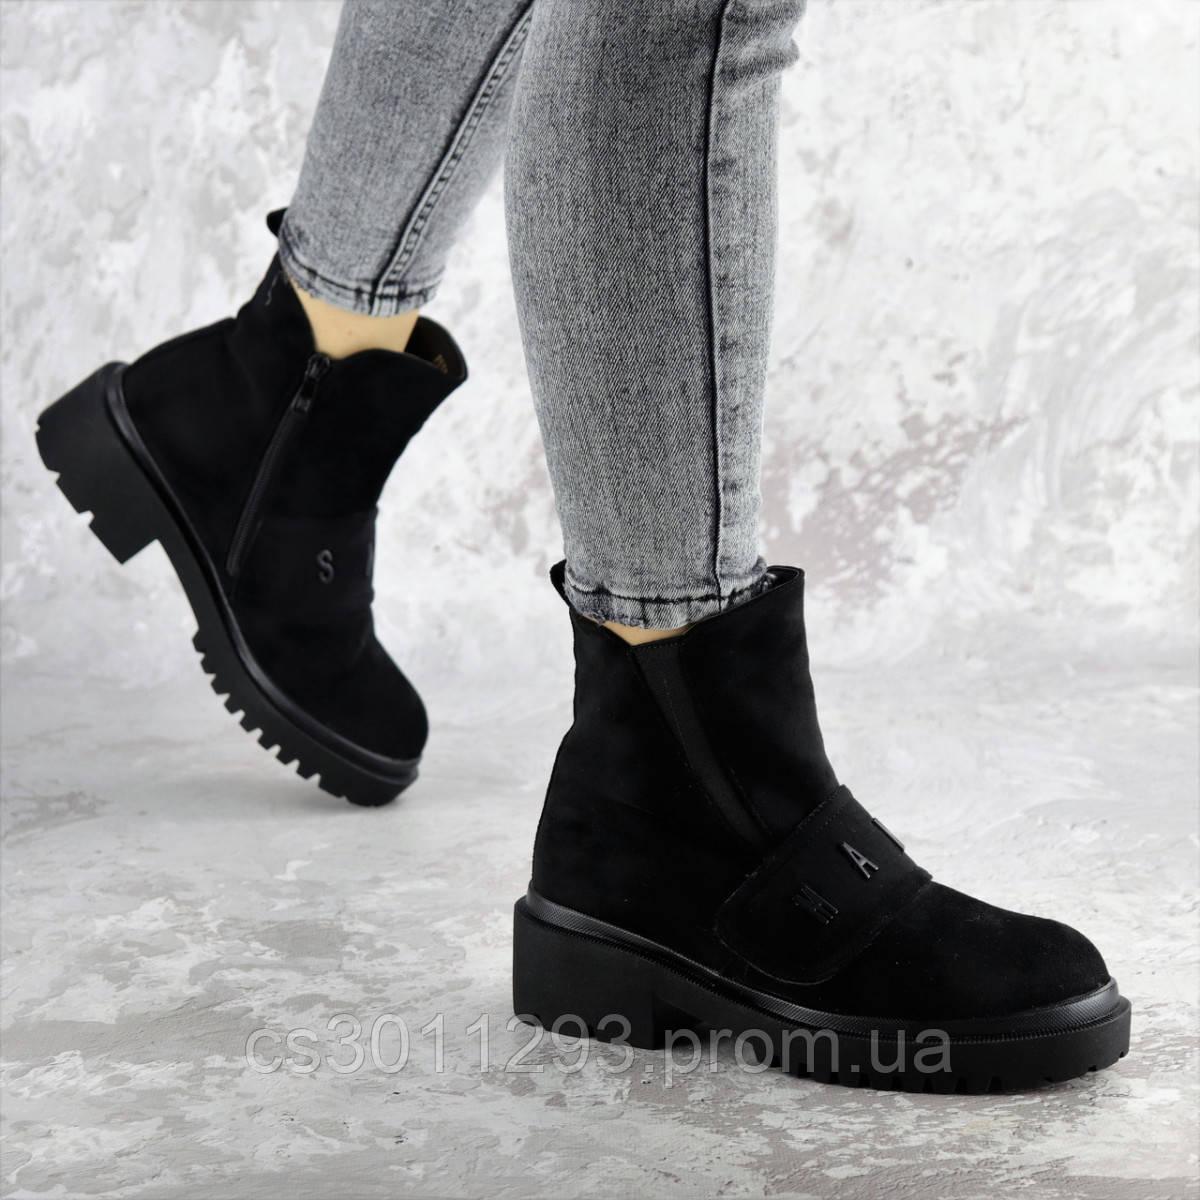 Ботинки женские зимние Fashion Atticus 2329 36 размер 23,5 см Черный